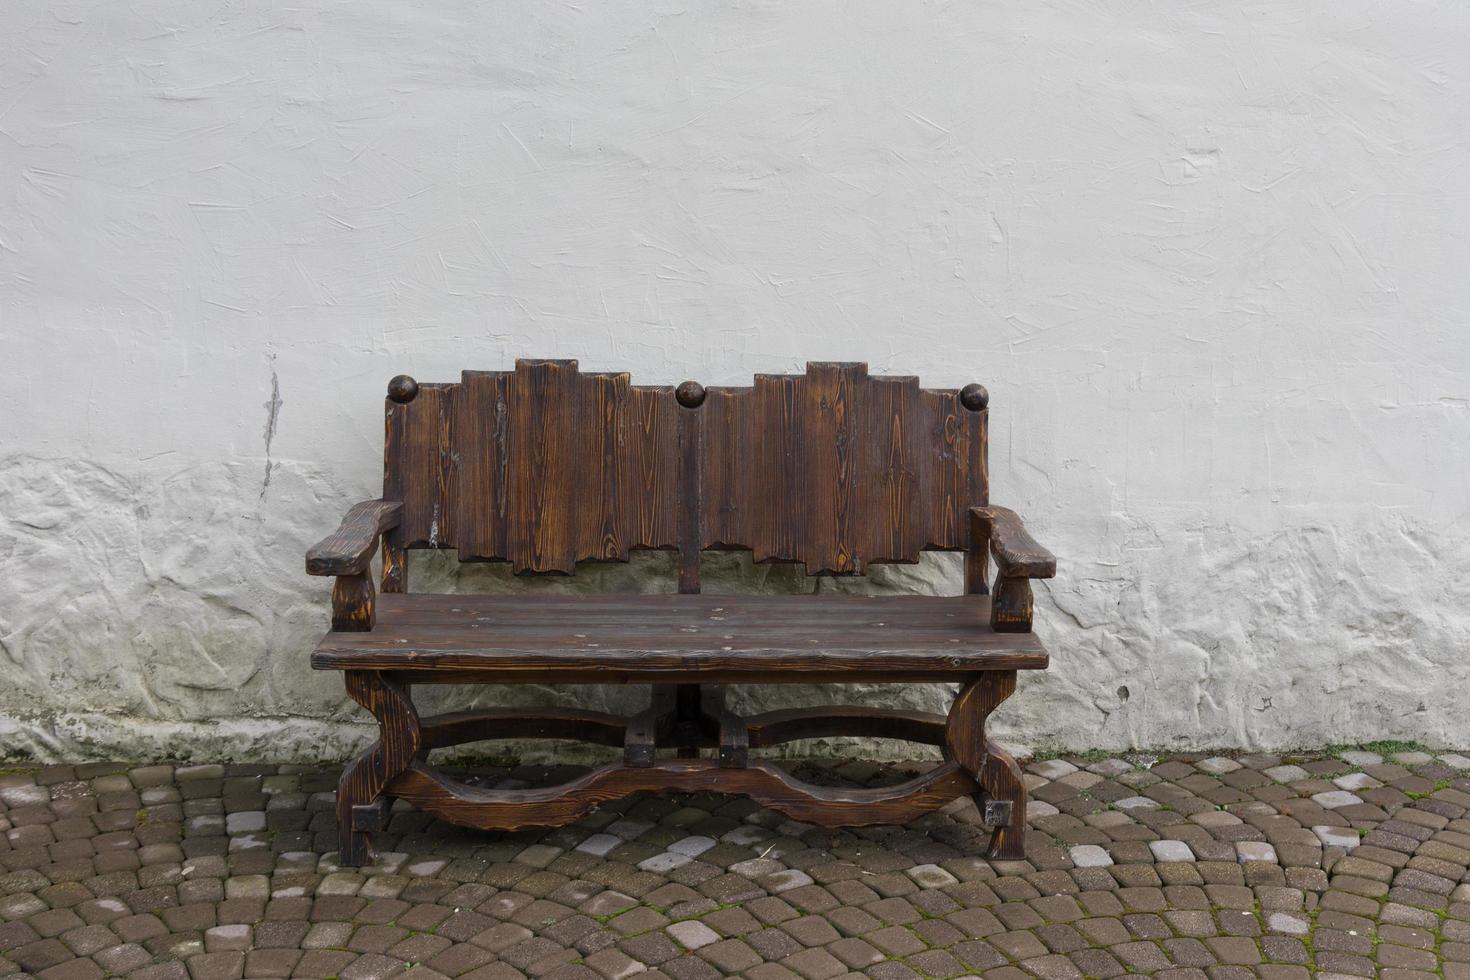 Banco de madera artesanal sobre el fondo de paredes blancas y adoquines foto